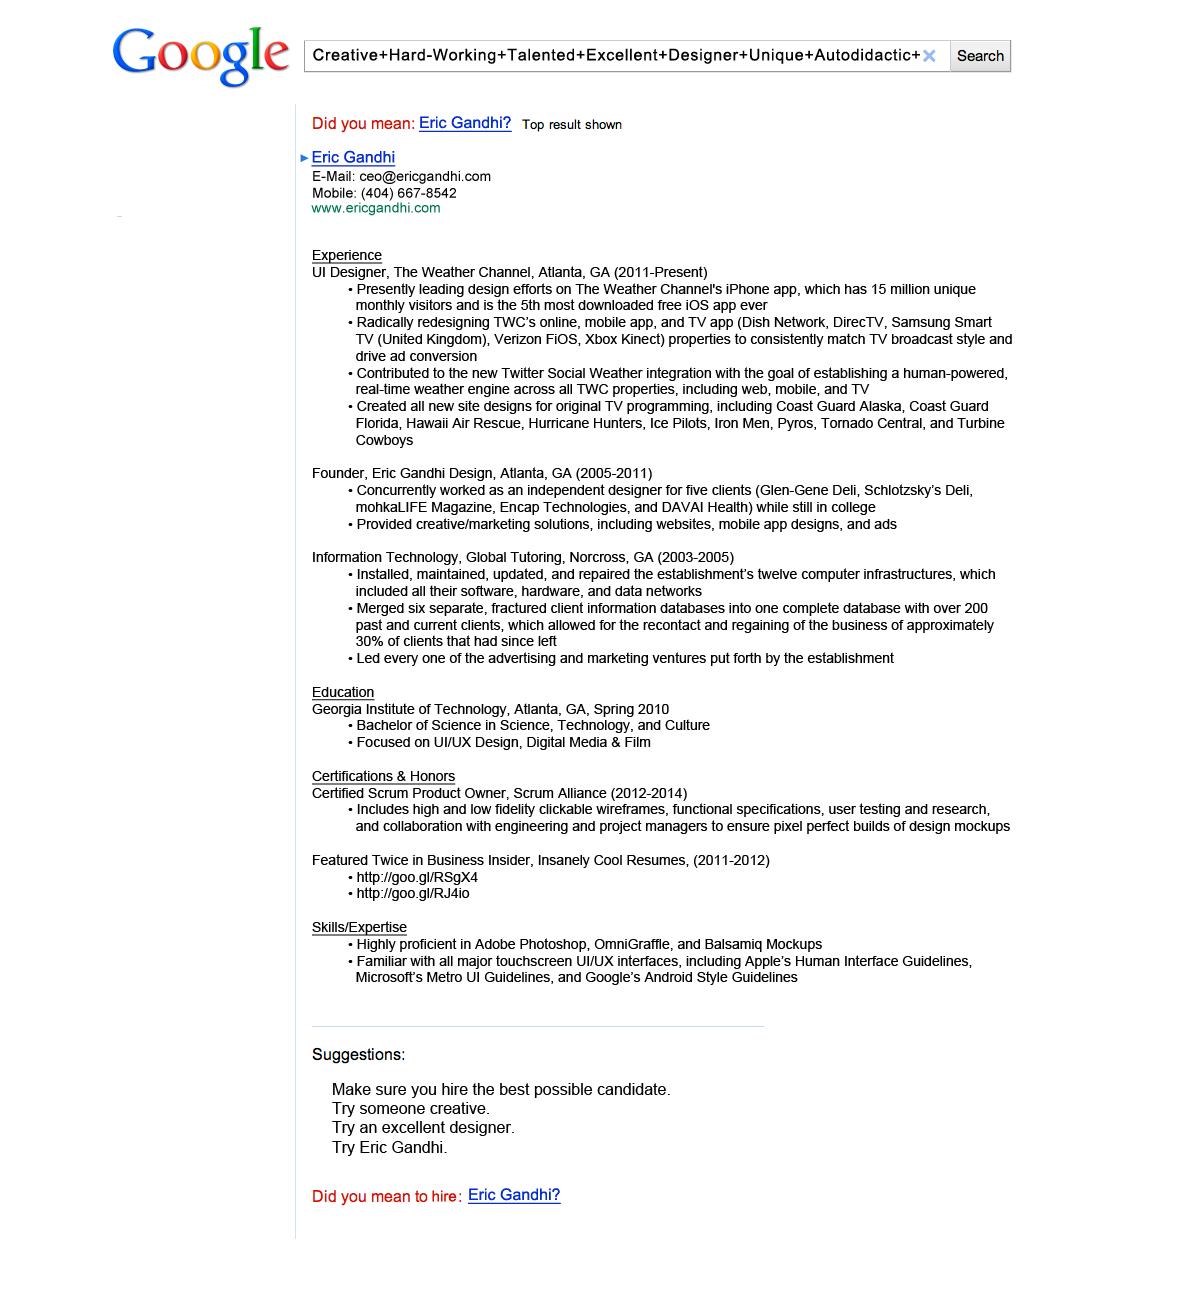 eric gandhi u0026 39 s  google themed cv got him an interview with